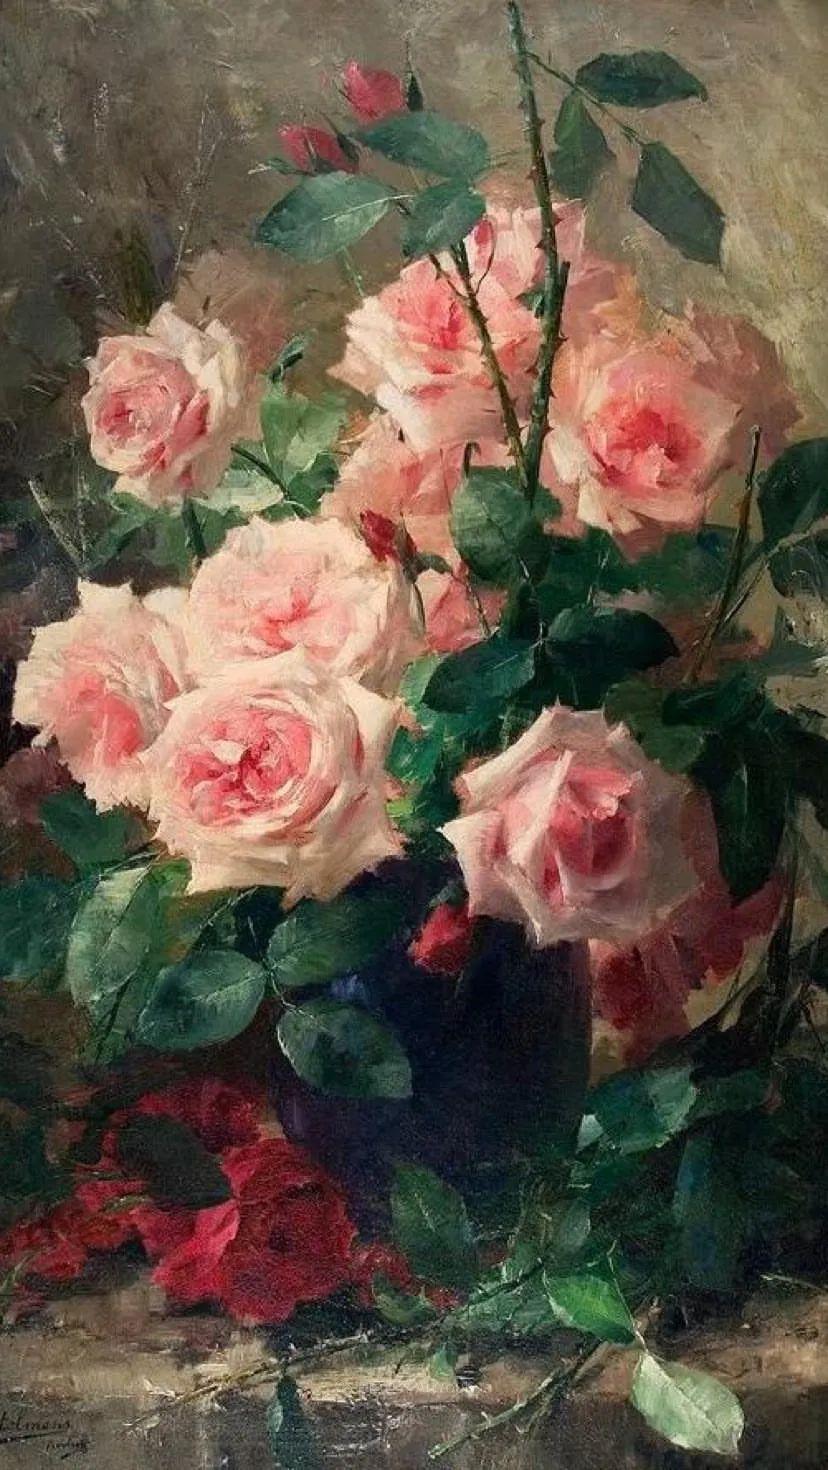 他笔下的粉色月季玫瑰,尤其受人关注!插图137